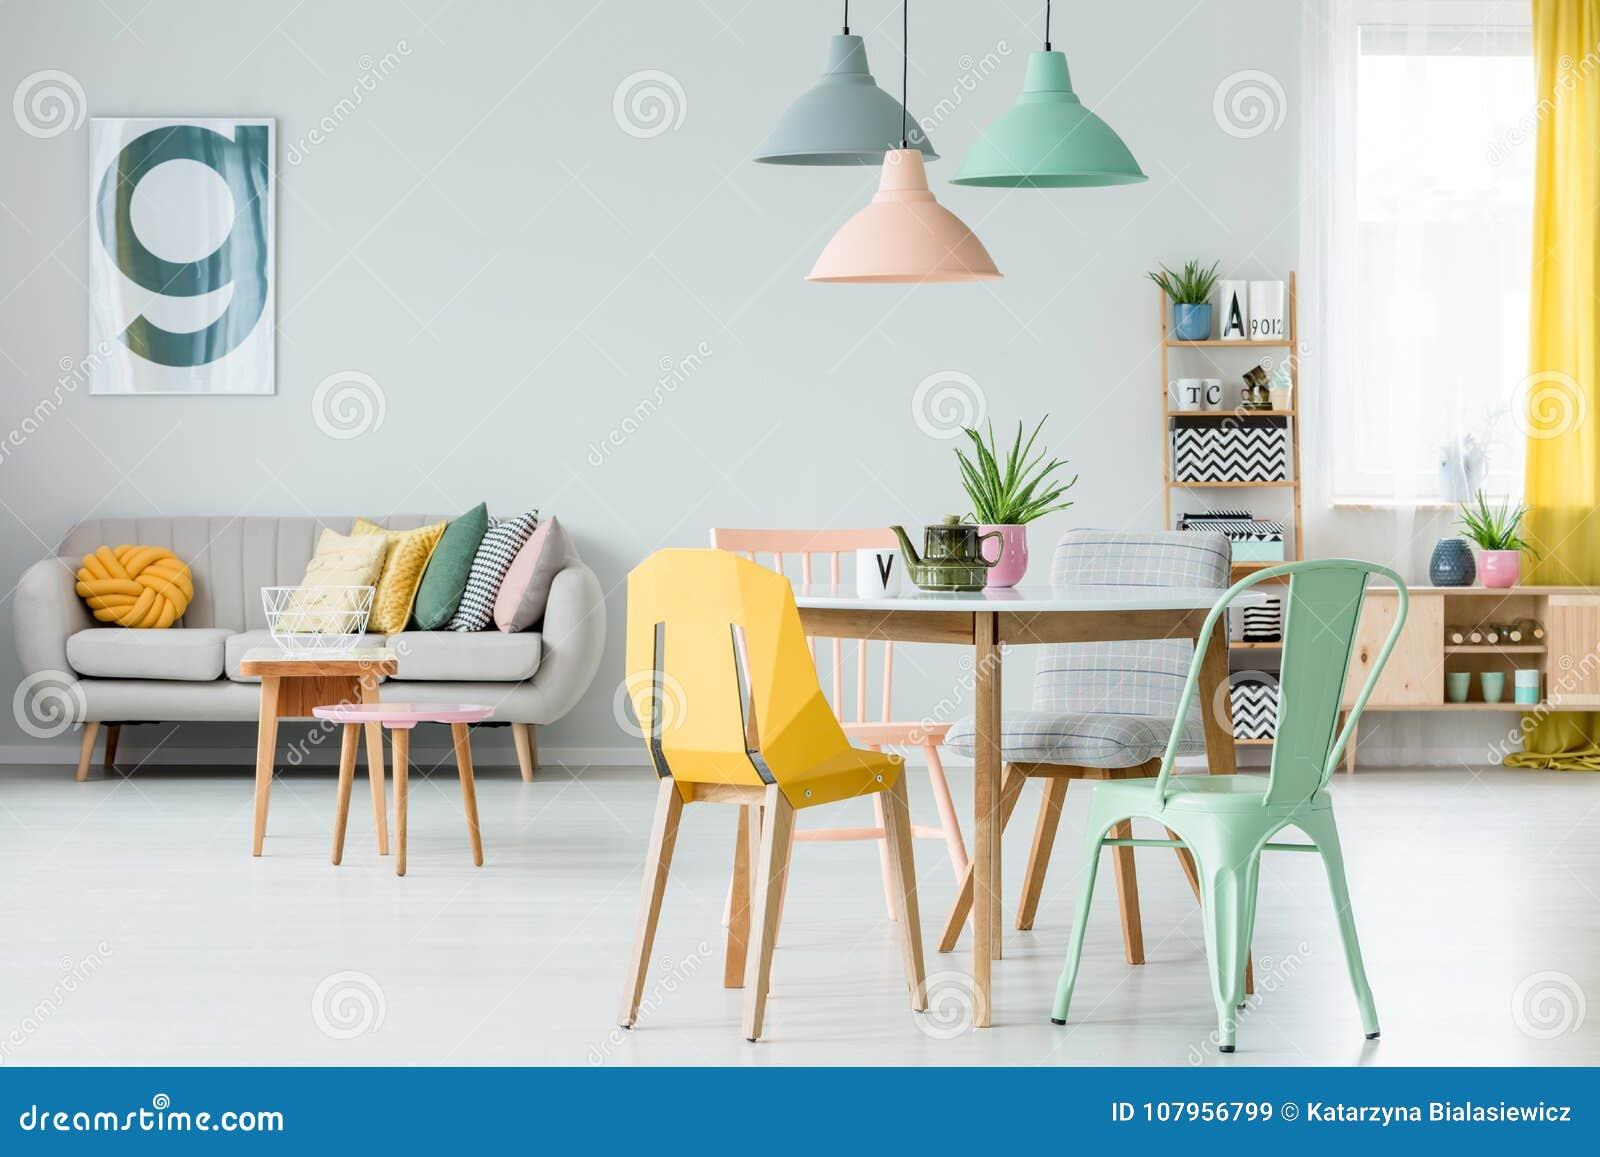 Salon coloré moderne image stock. Image du noir, gris ...